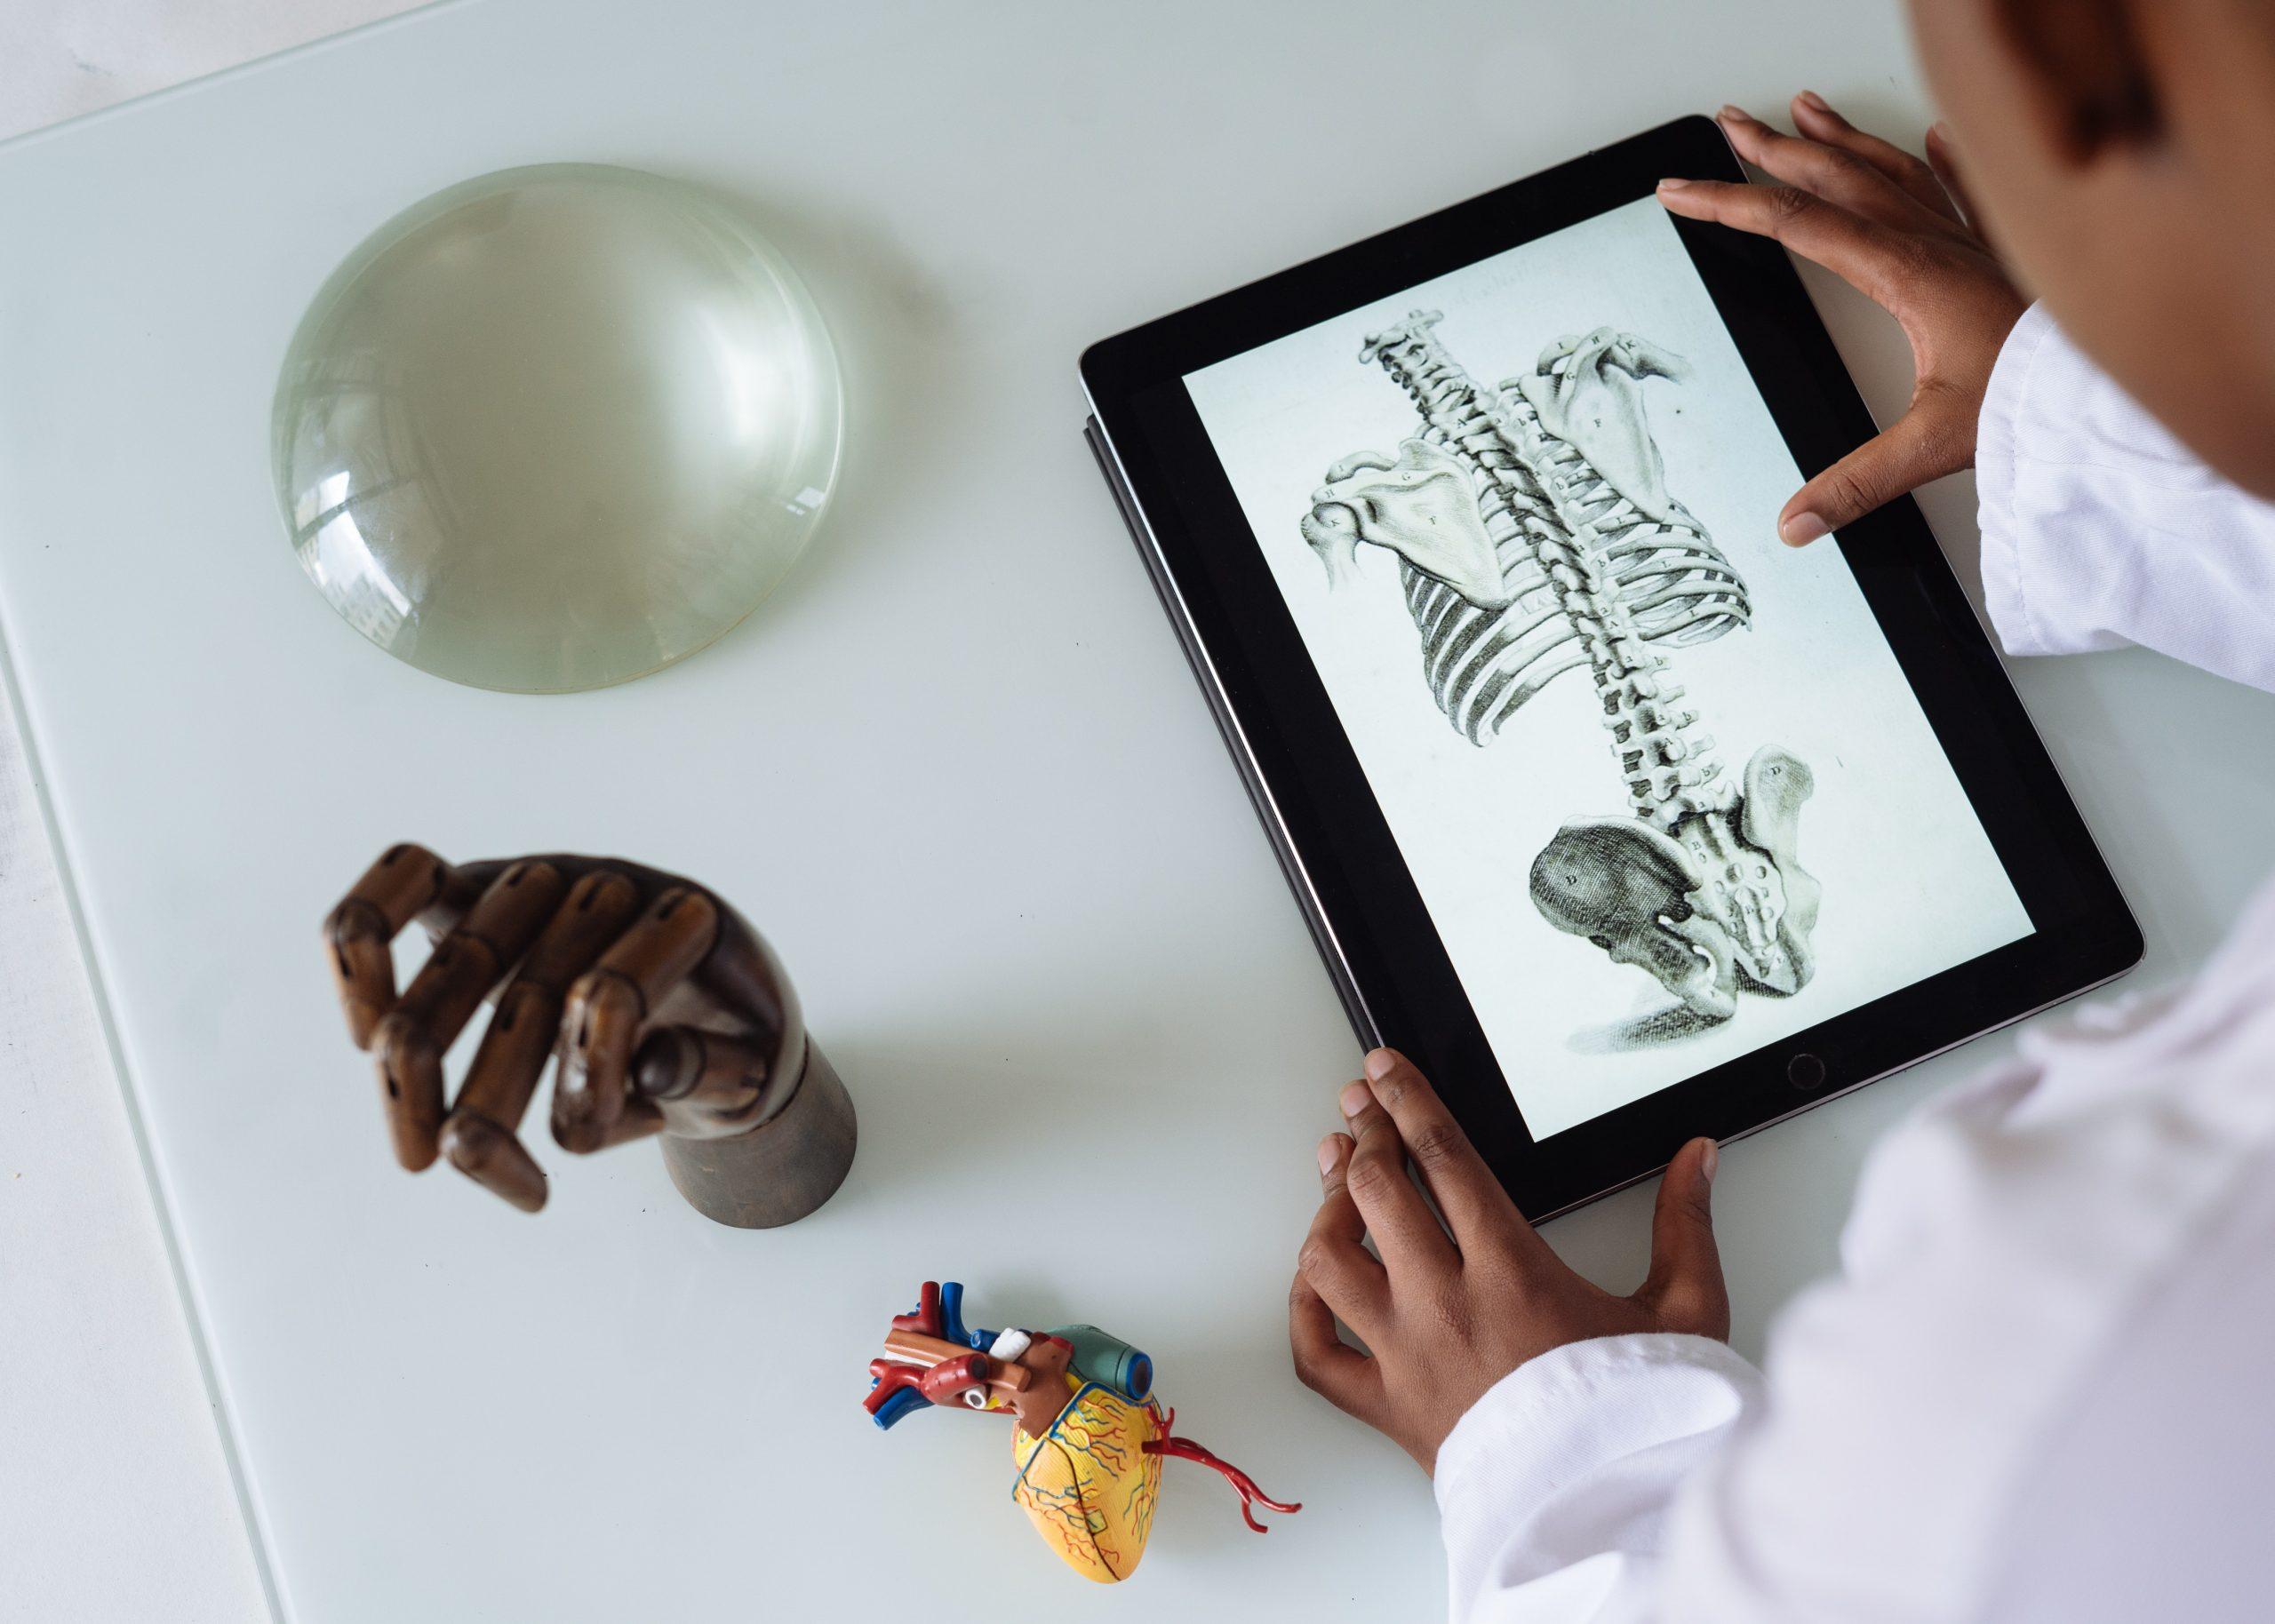 médico usando o tablet para trabalho em uma avaliação